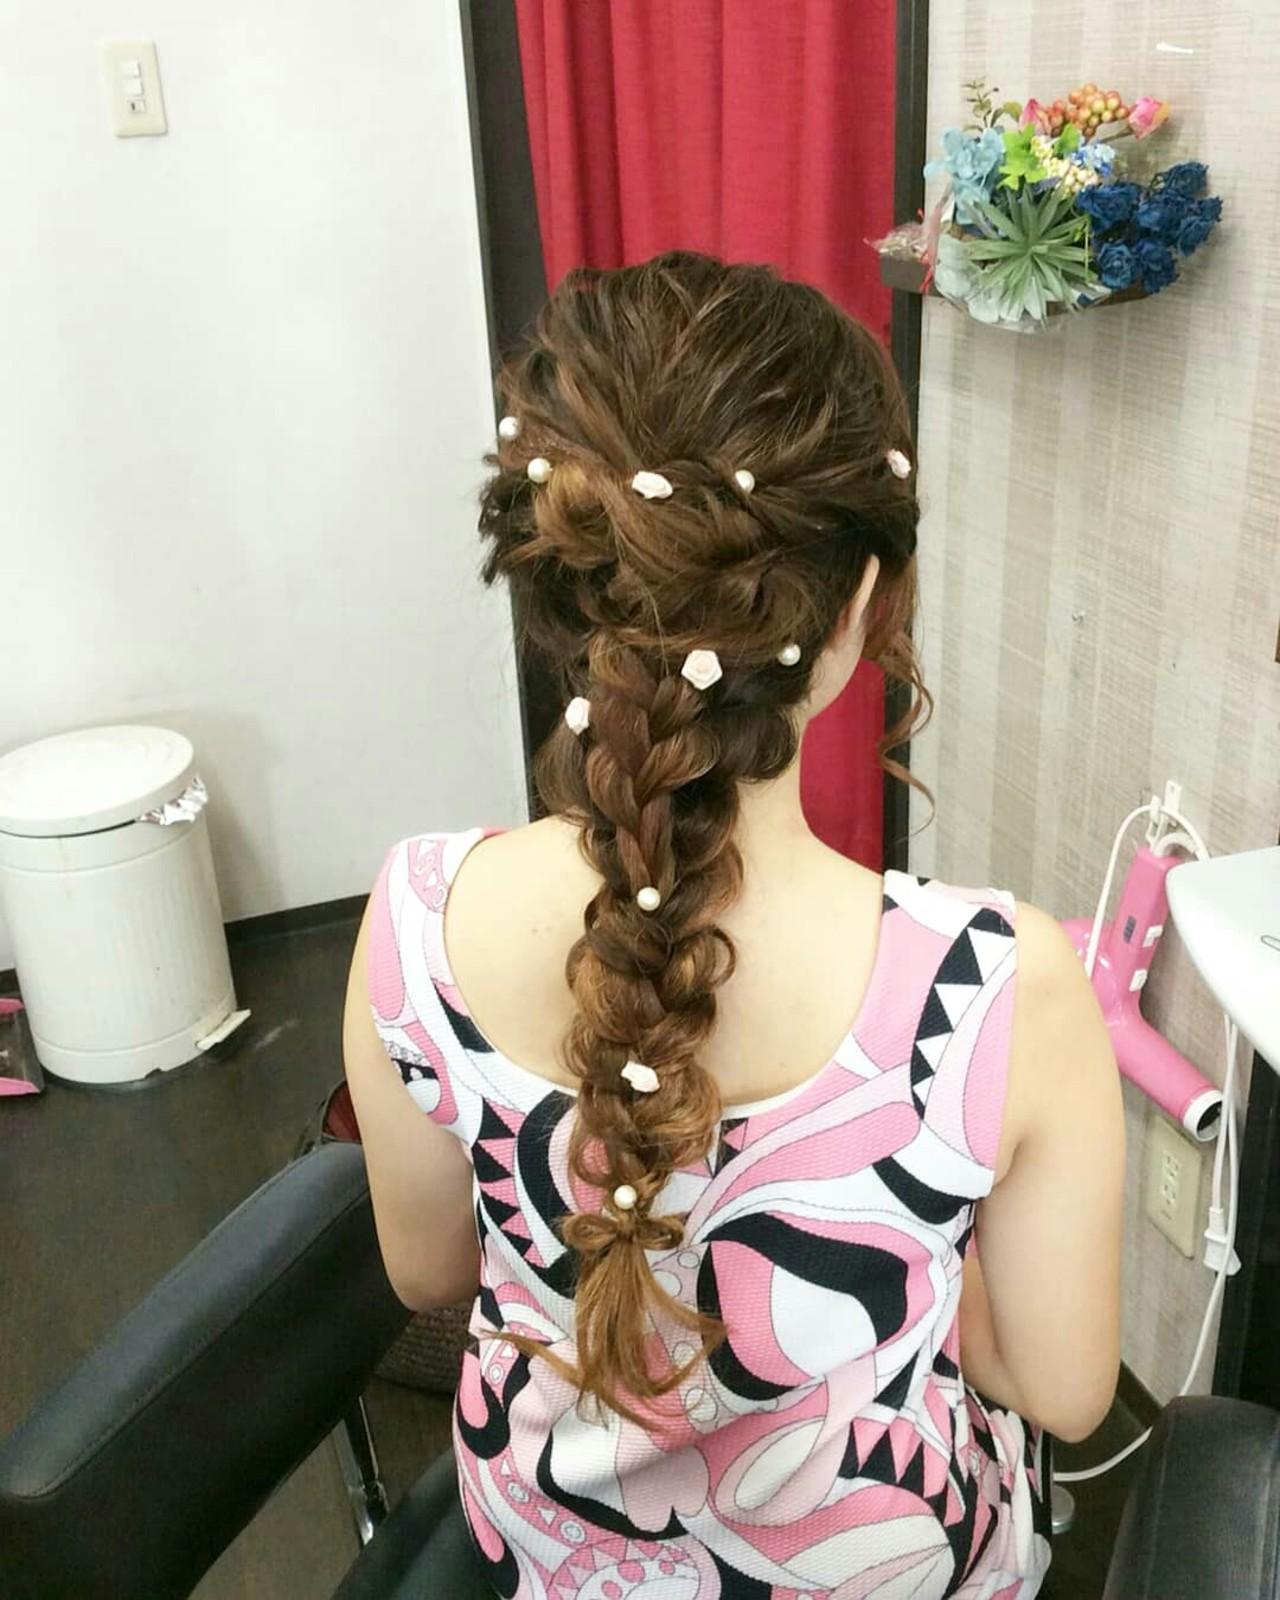 ナチュラル ロング ヘアスタイルや髪型の写真・画像 | rumiLINKS美容室 / リンクス美容室